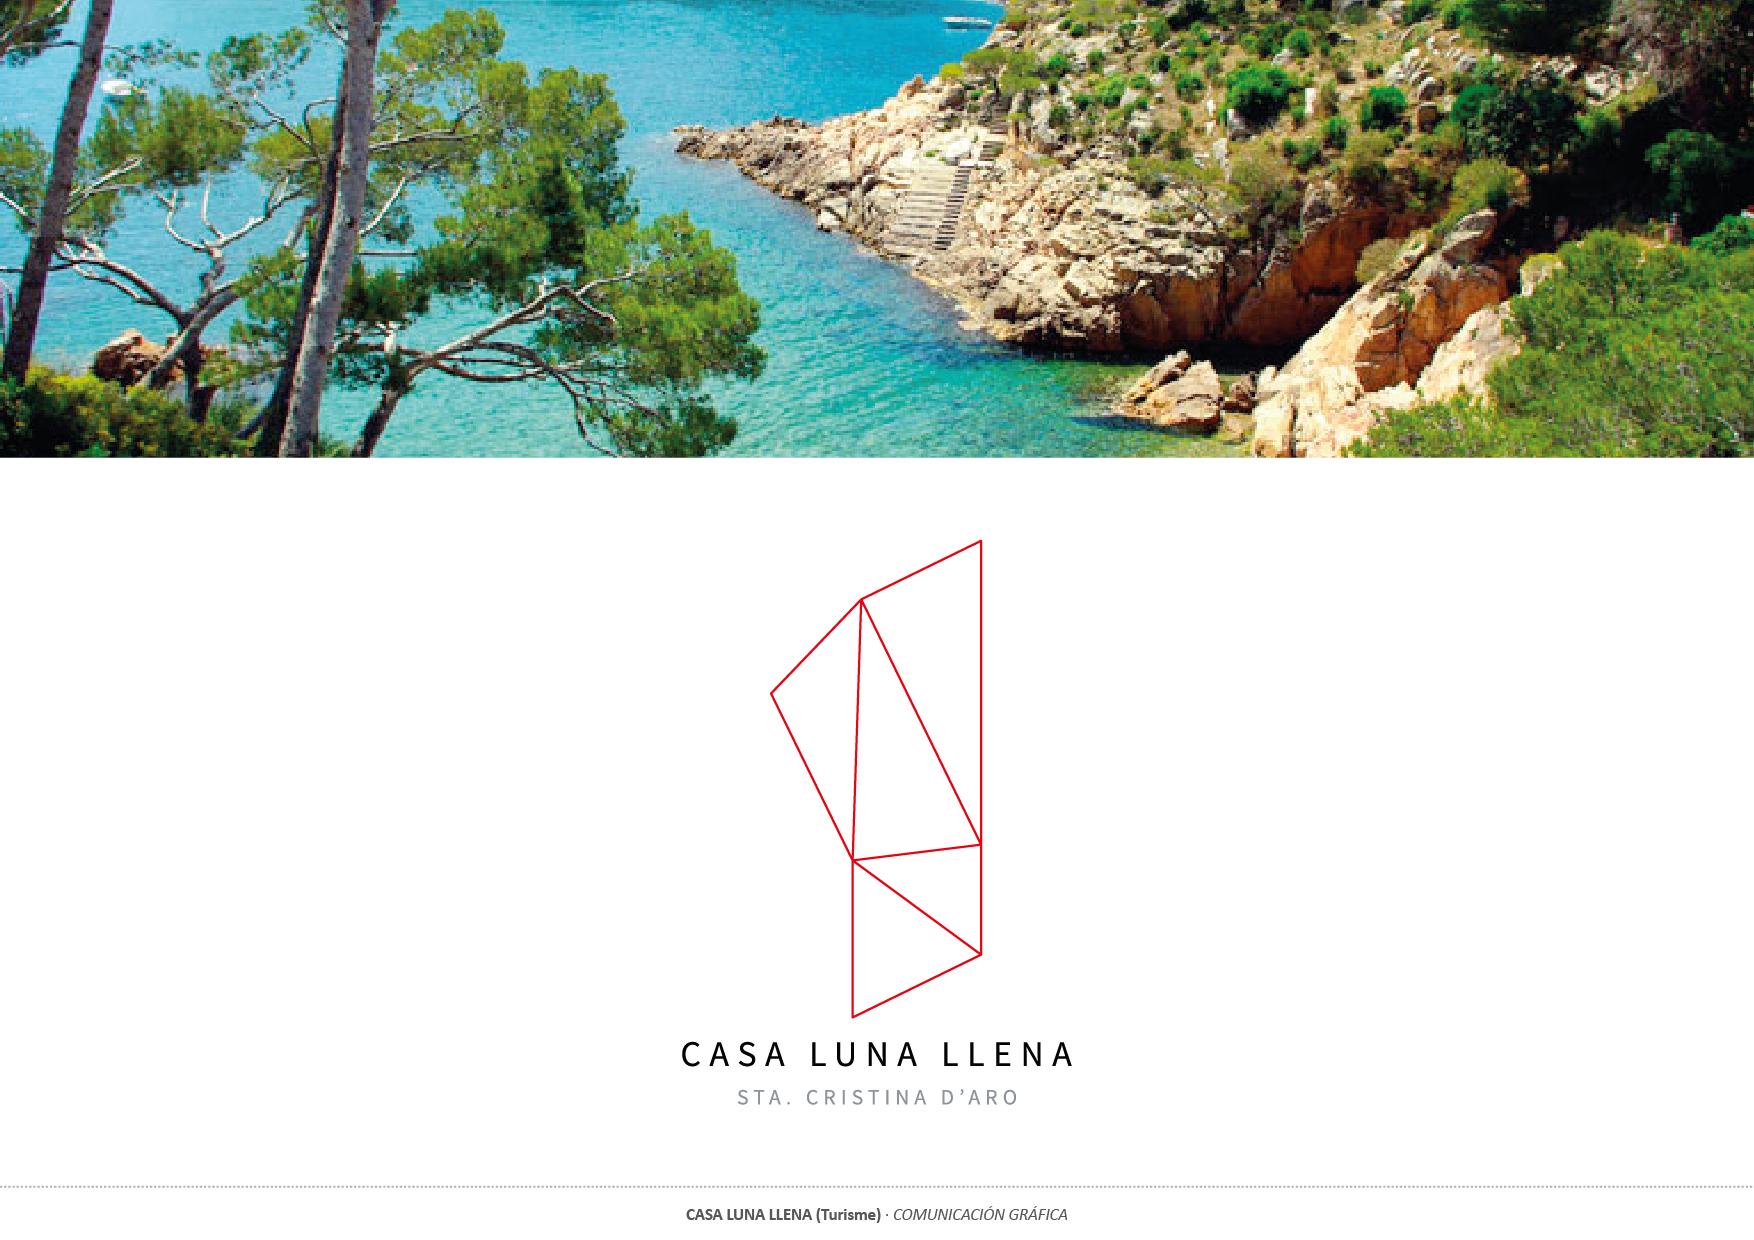 Imagen gráfica La Casa Luna Llena